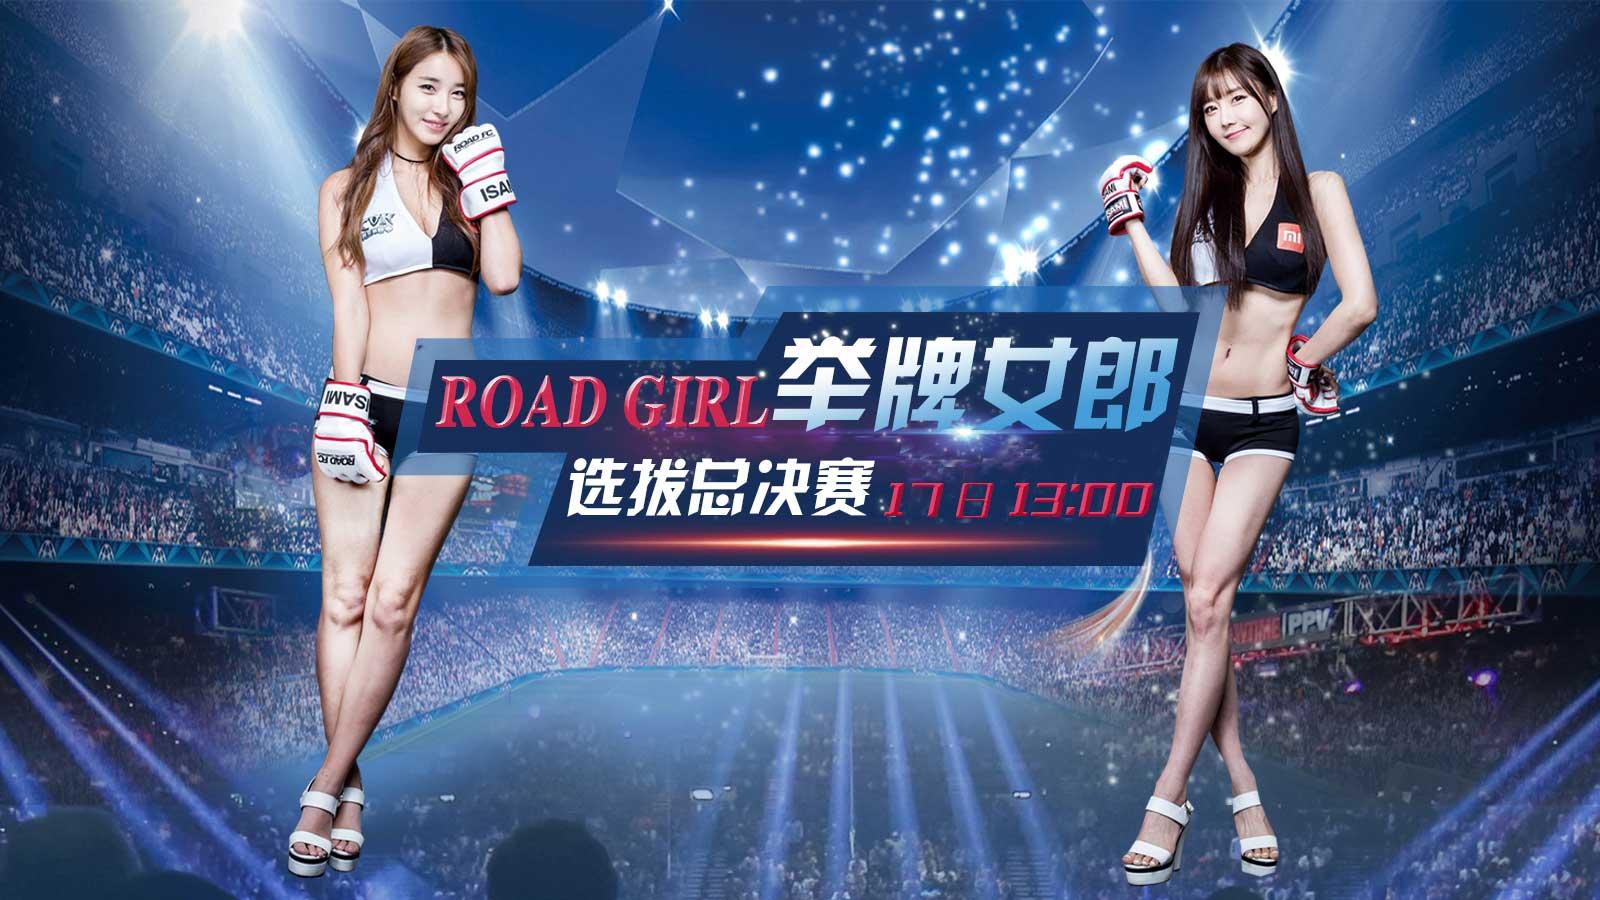 中国拳手战日本roadfc 央视网体育视频直播比赛